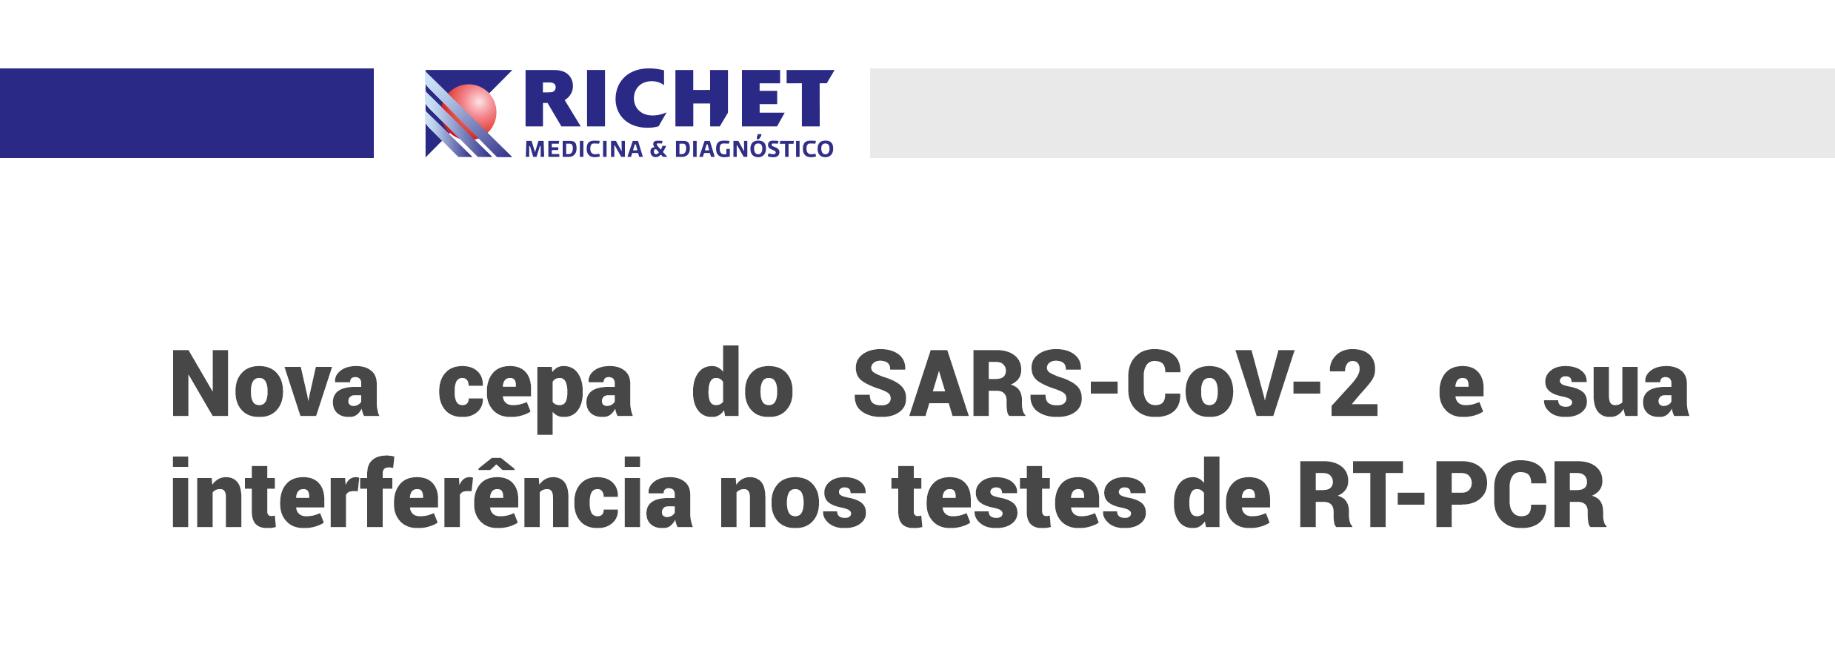 Nova cepa do SARS-CoV-2 e sua interferência nos testes de RT-PCR